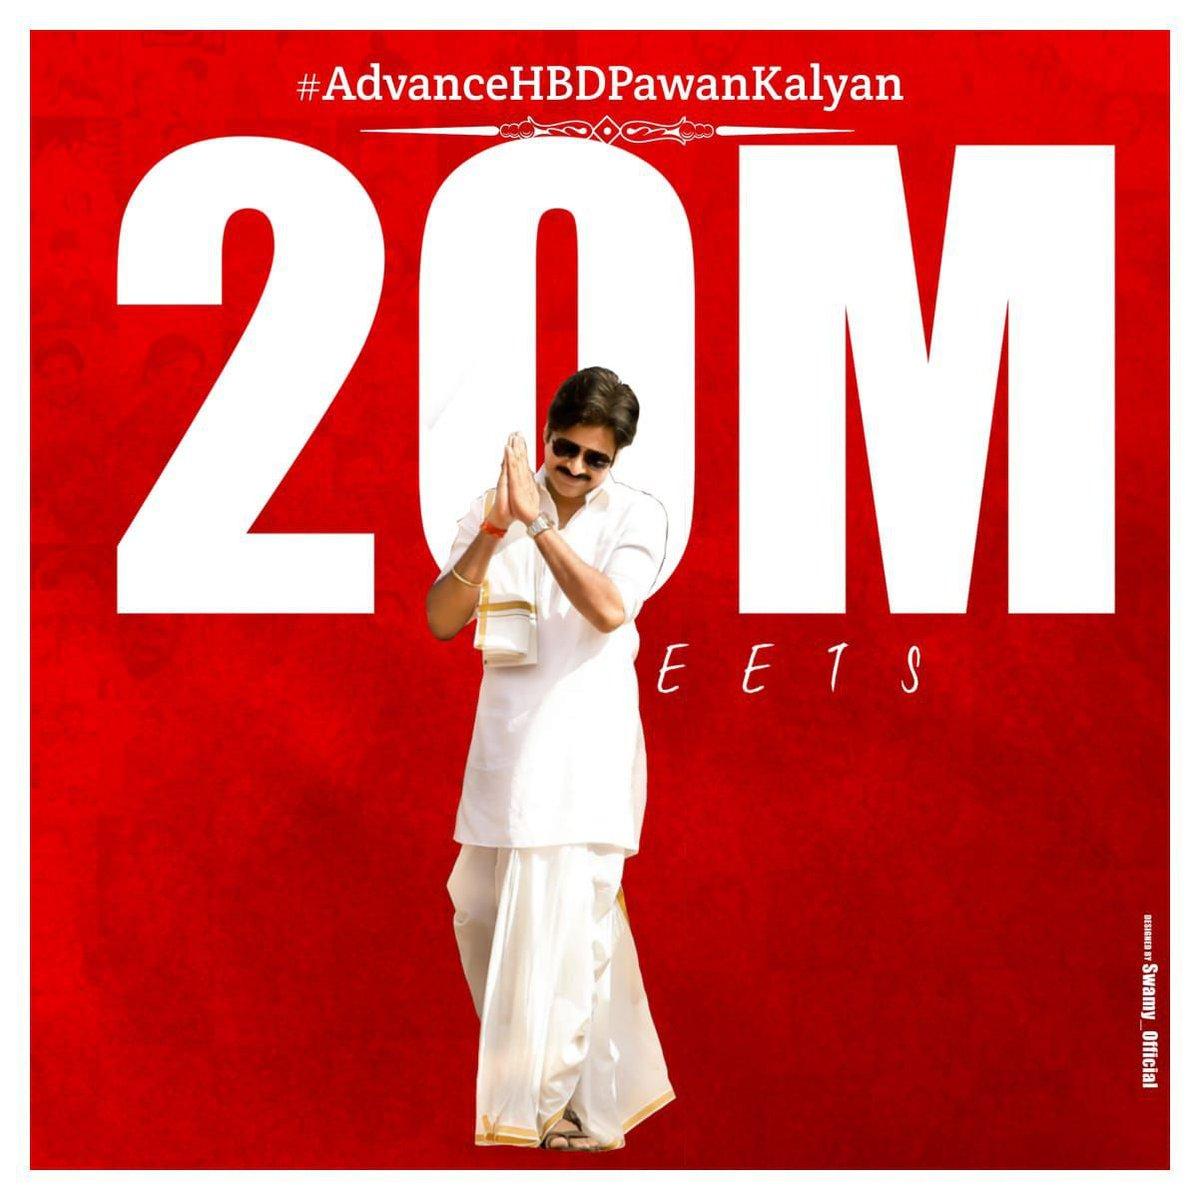 20M + tweets on #AdvanceHBDPawanKalyan 🔥  #PSPK fans show their unprecedented love for their star. Biggest trend ✌️ #Pawankalyan